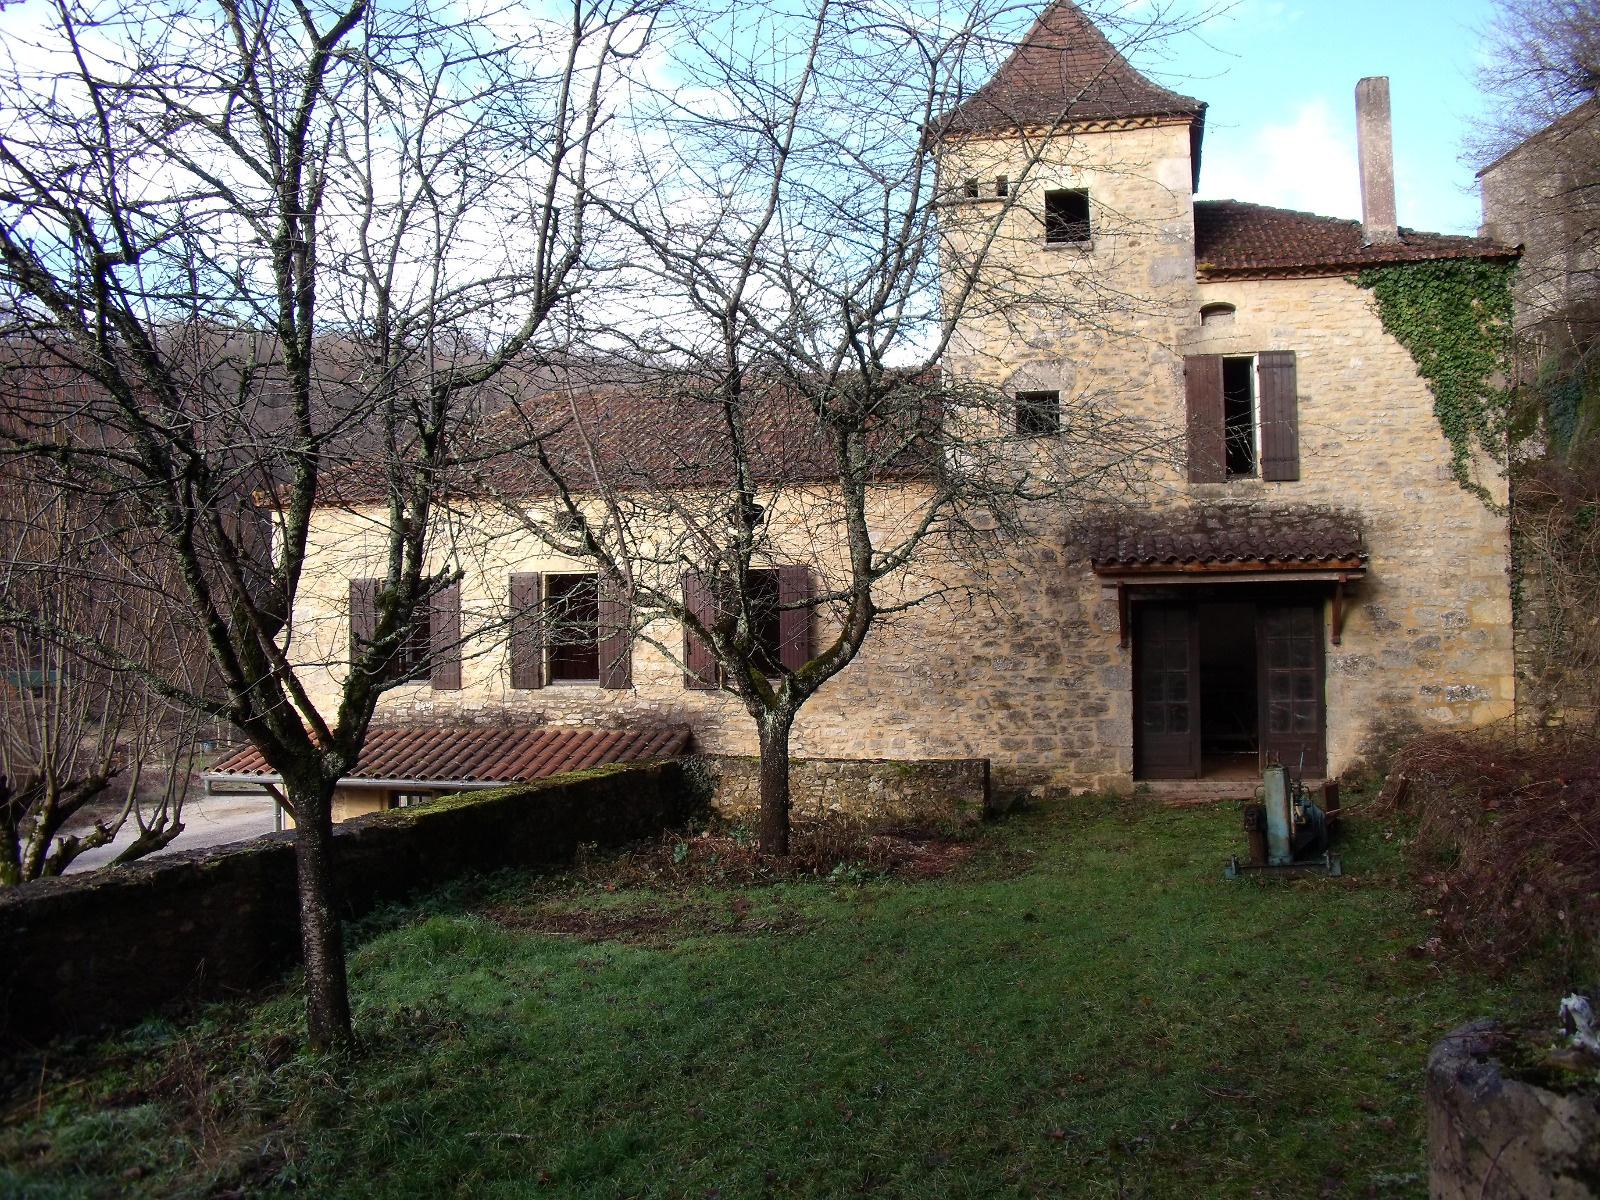 Vente maison/villa 7 pièces blanquefort sur briolance 47500